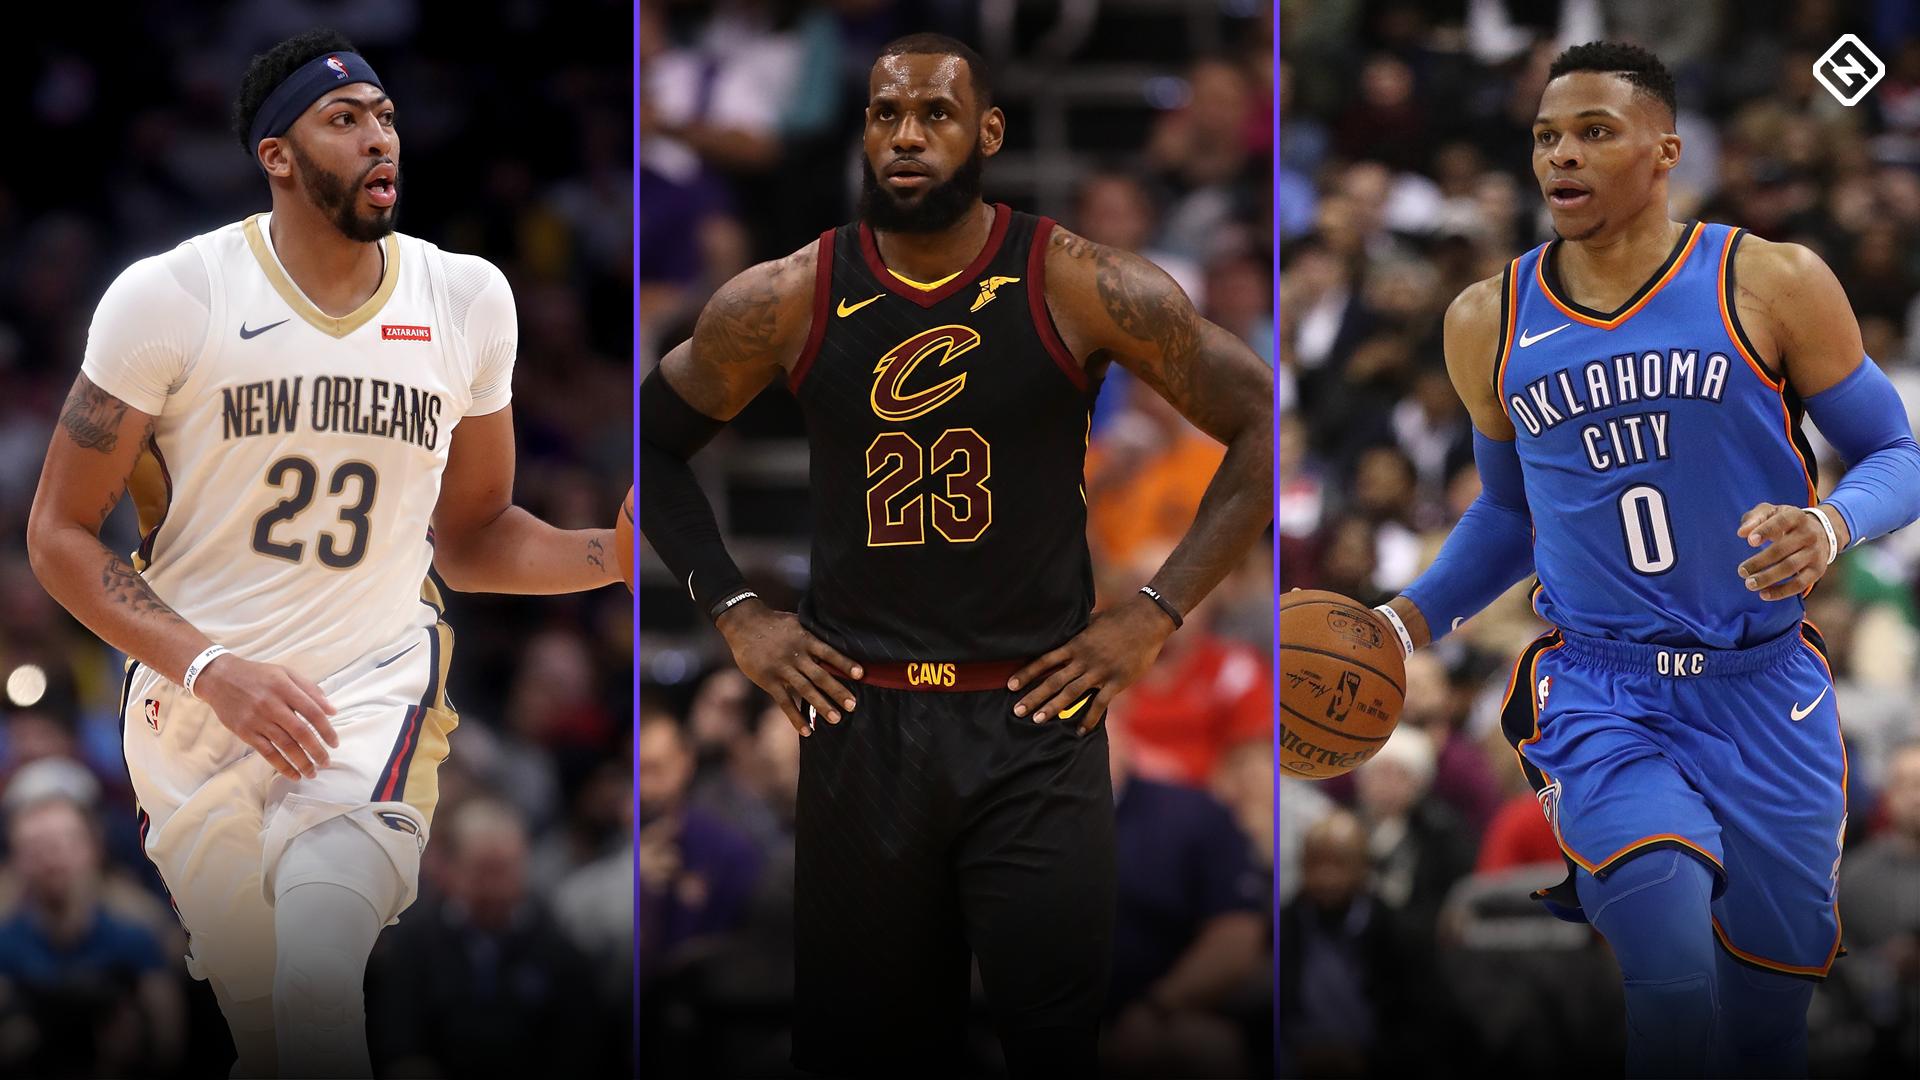 NBA Playoffs 2018: First-round Matchups, Final Standings